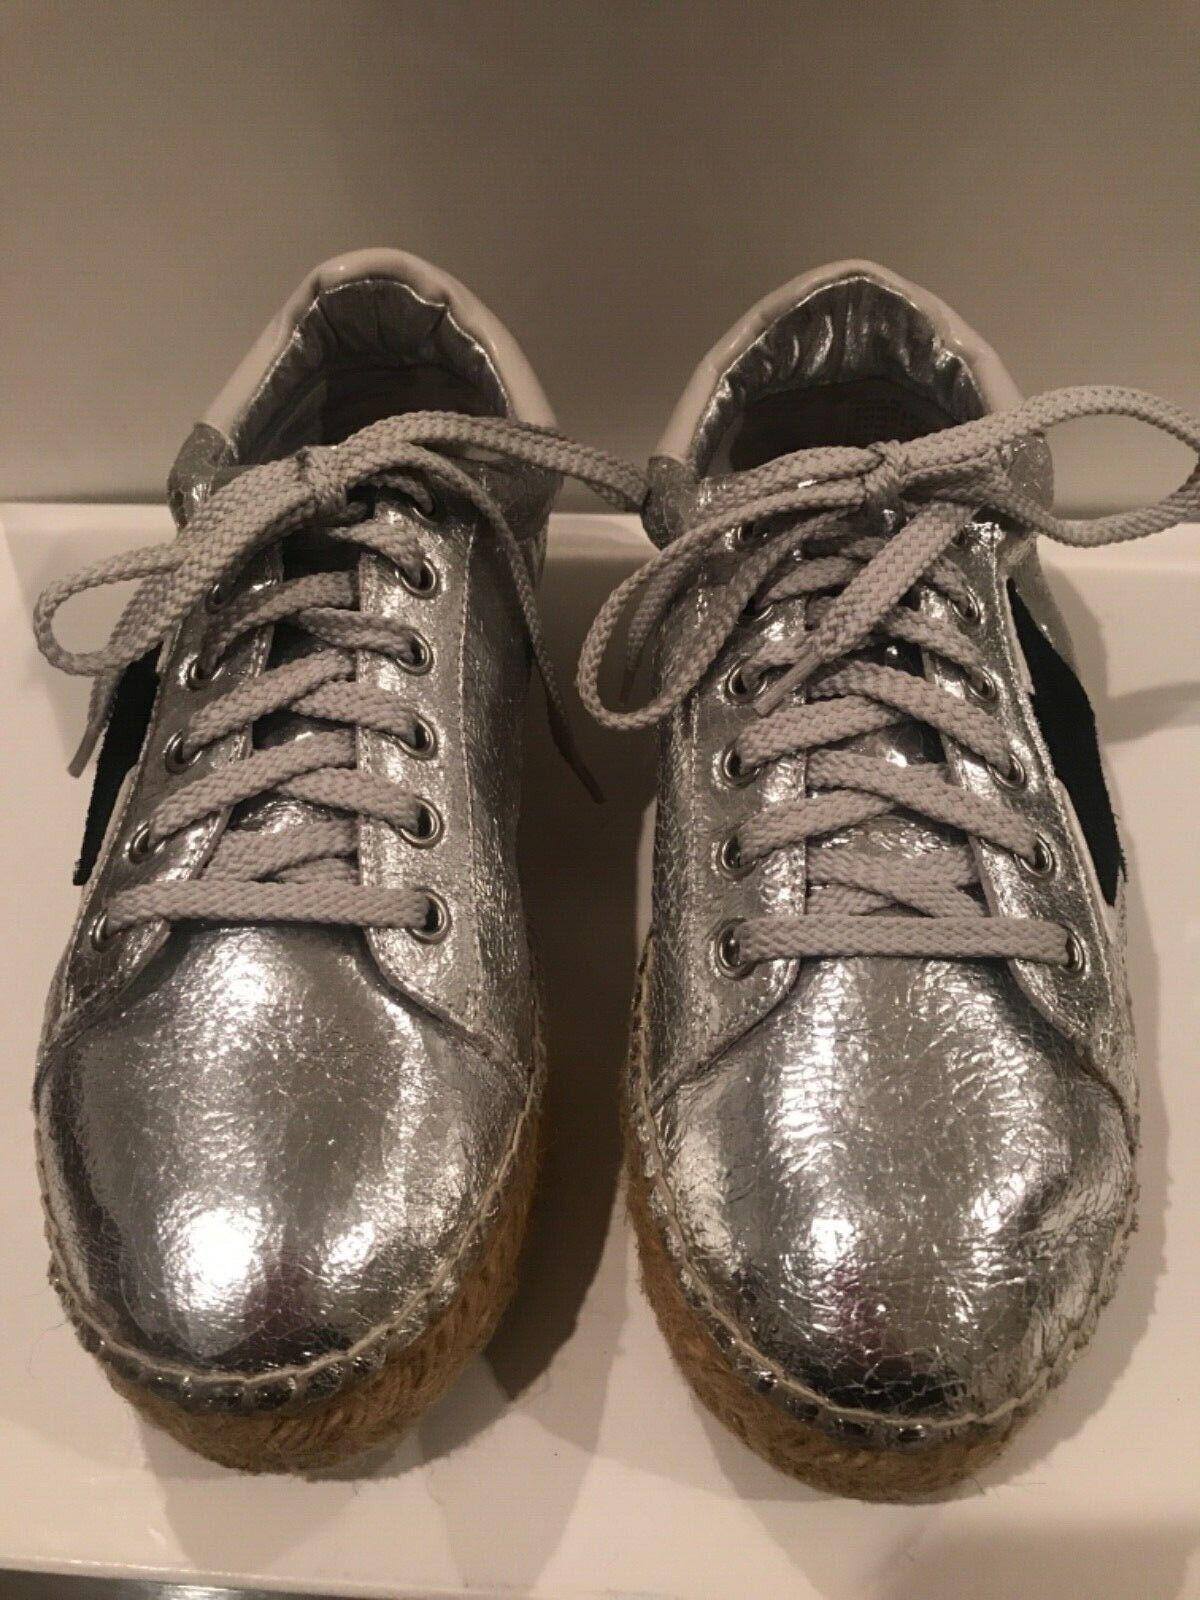 STEVEN by Steve Madden Phase Espadrille Sneaker SZ 8 Metallic Silver Black Stars